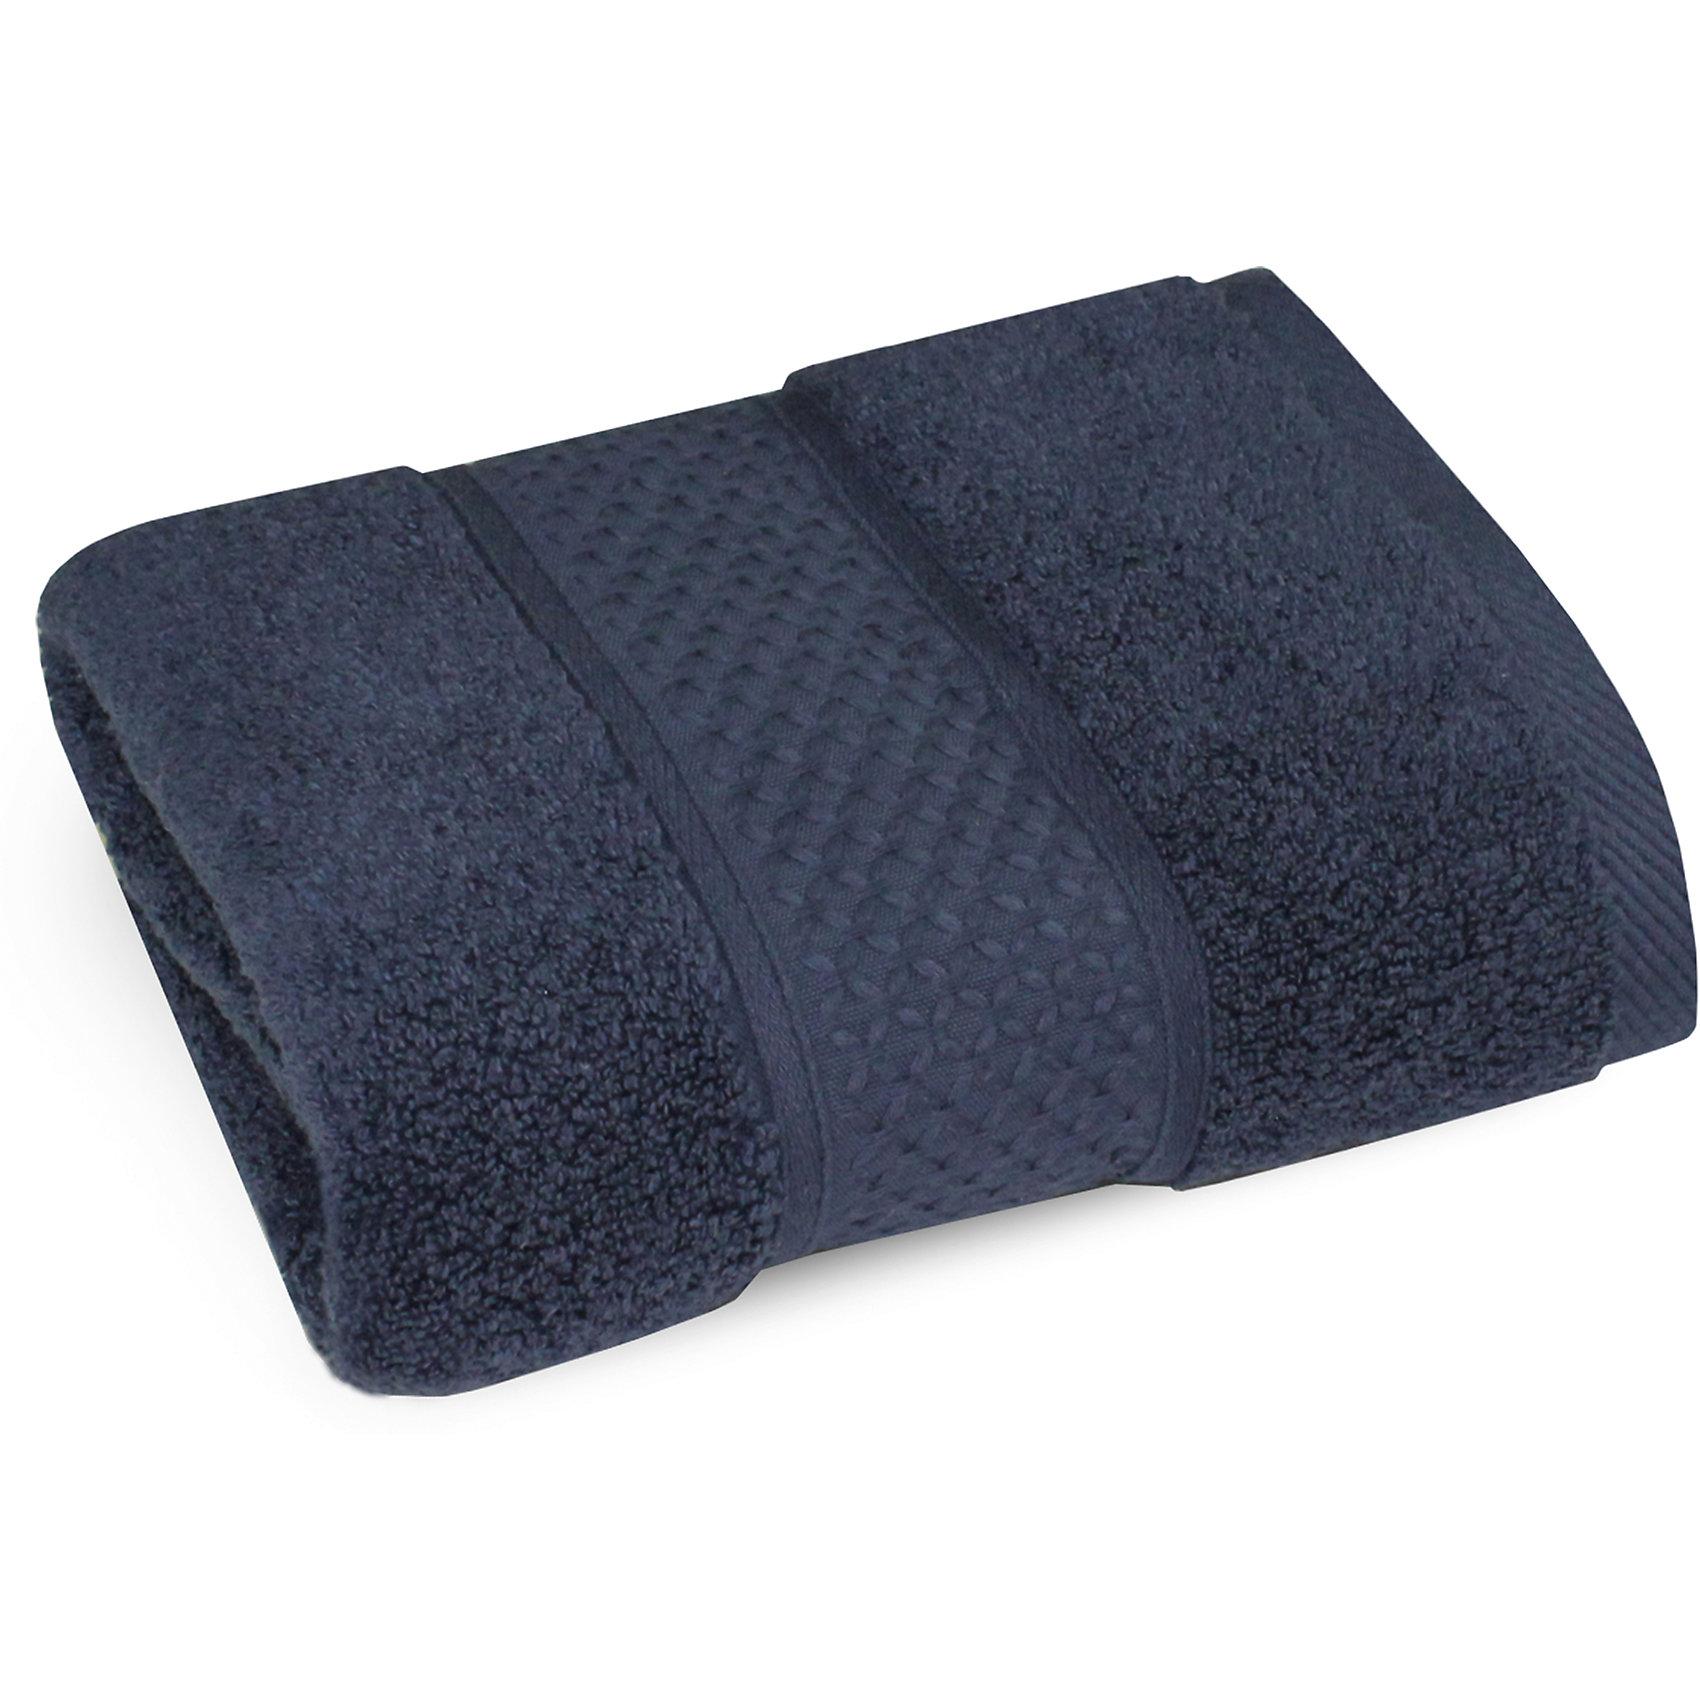 Полотенце махровое 30*70, Cozy Home, темно-синийПолотенце махровое 30*70, Cozy Home (Кози Хоум), темно-синий<br><br>Характеристики:<br><br>• гиполлергенное и мягкое полотенце<br>• хорошо впитывает влагу<br>• легко стирать<br>• материал: хлопок<br>• размер: 30х70 см<br>• цвет: темно-синий<br><br>Классическое махровое полотенце - отличный вариант для вашей ванной комнаты. Полотенце от Cozy Home выполнено из качественного хлопка, обладающего высокой гигроскопичностью. Оно быстро впитает влагу и подарит вам сухость и комфорт. Кроме того, полотенце устойчиво к выцветанию и деформации. Нежные и мягкие хлопковые волокна не вызывают раздражения и аллергии, а также препятствуют появлению бактерий. Полотенце украшено узором по краю. Приятный дизайн станет прекрасным дополнением к интерьеру ванной комнаты.<br><br>Полотенце махровое 30*70, Cozy Home (Кози Хоум), темно-синий вы можете купить в нашем интернет-магазине.<br><br>Ширина мм: 150<br>Глубина мм: 250<br>Высота мм: 150<br>Вес г: 150<br>Возраст от месяцев: 0<br>Возраст до месяцев: 216<br>Пол: Мужской<br>Возраст: Детский<br>SKU: 5355273